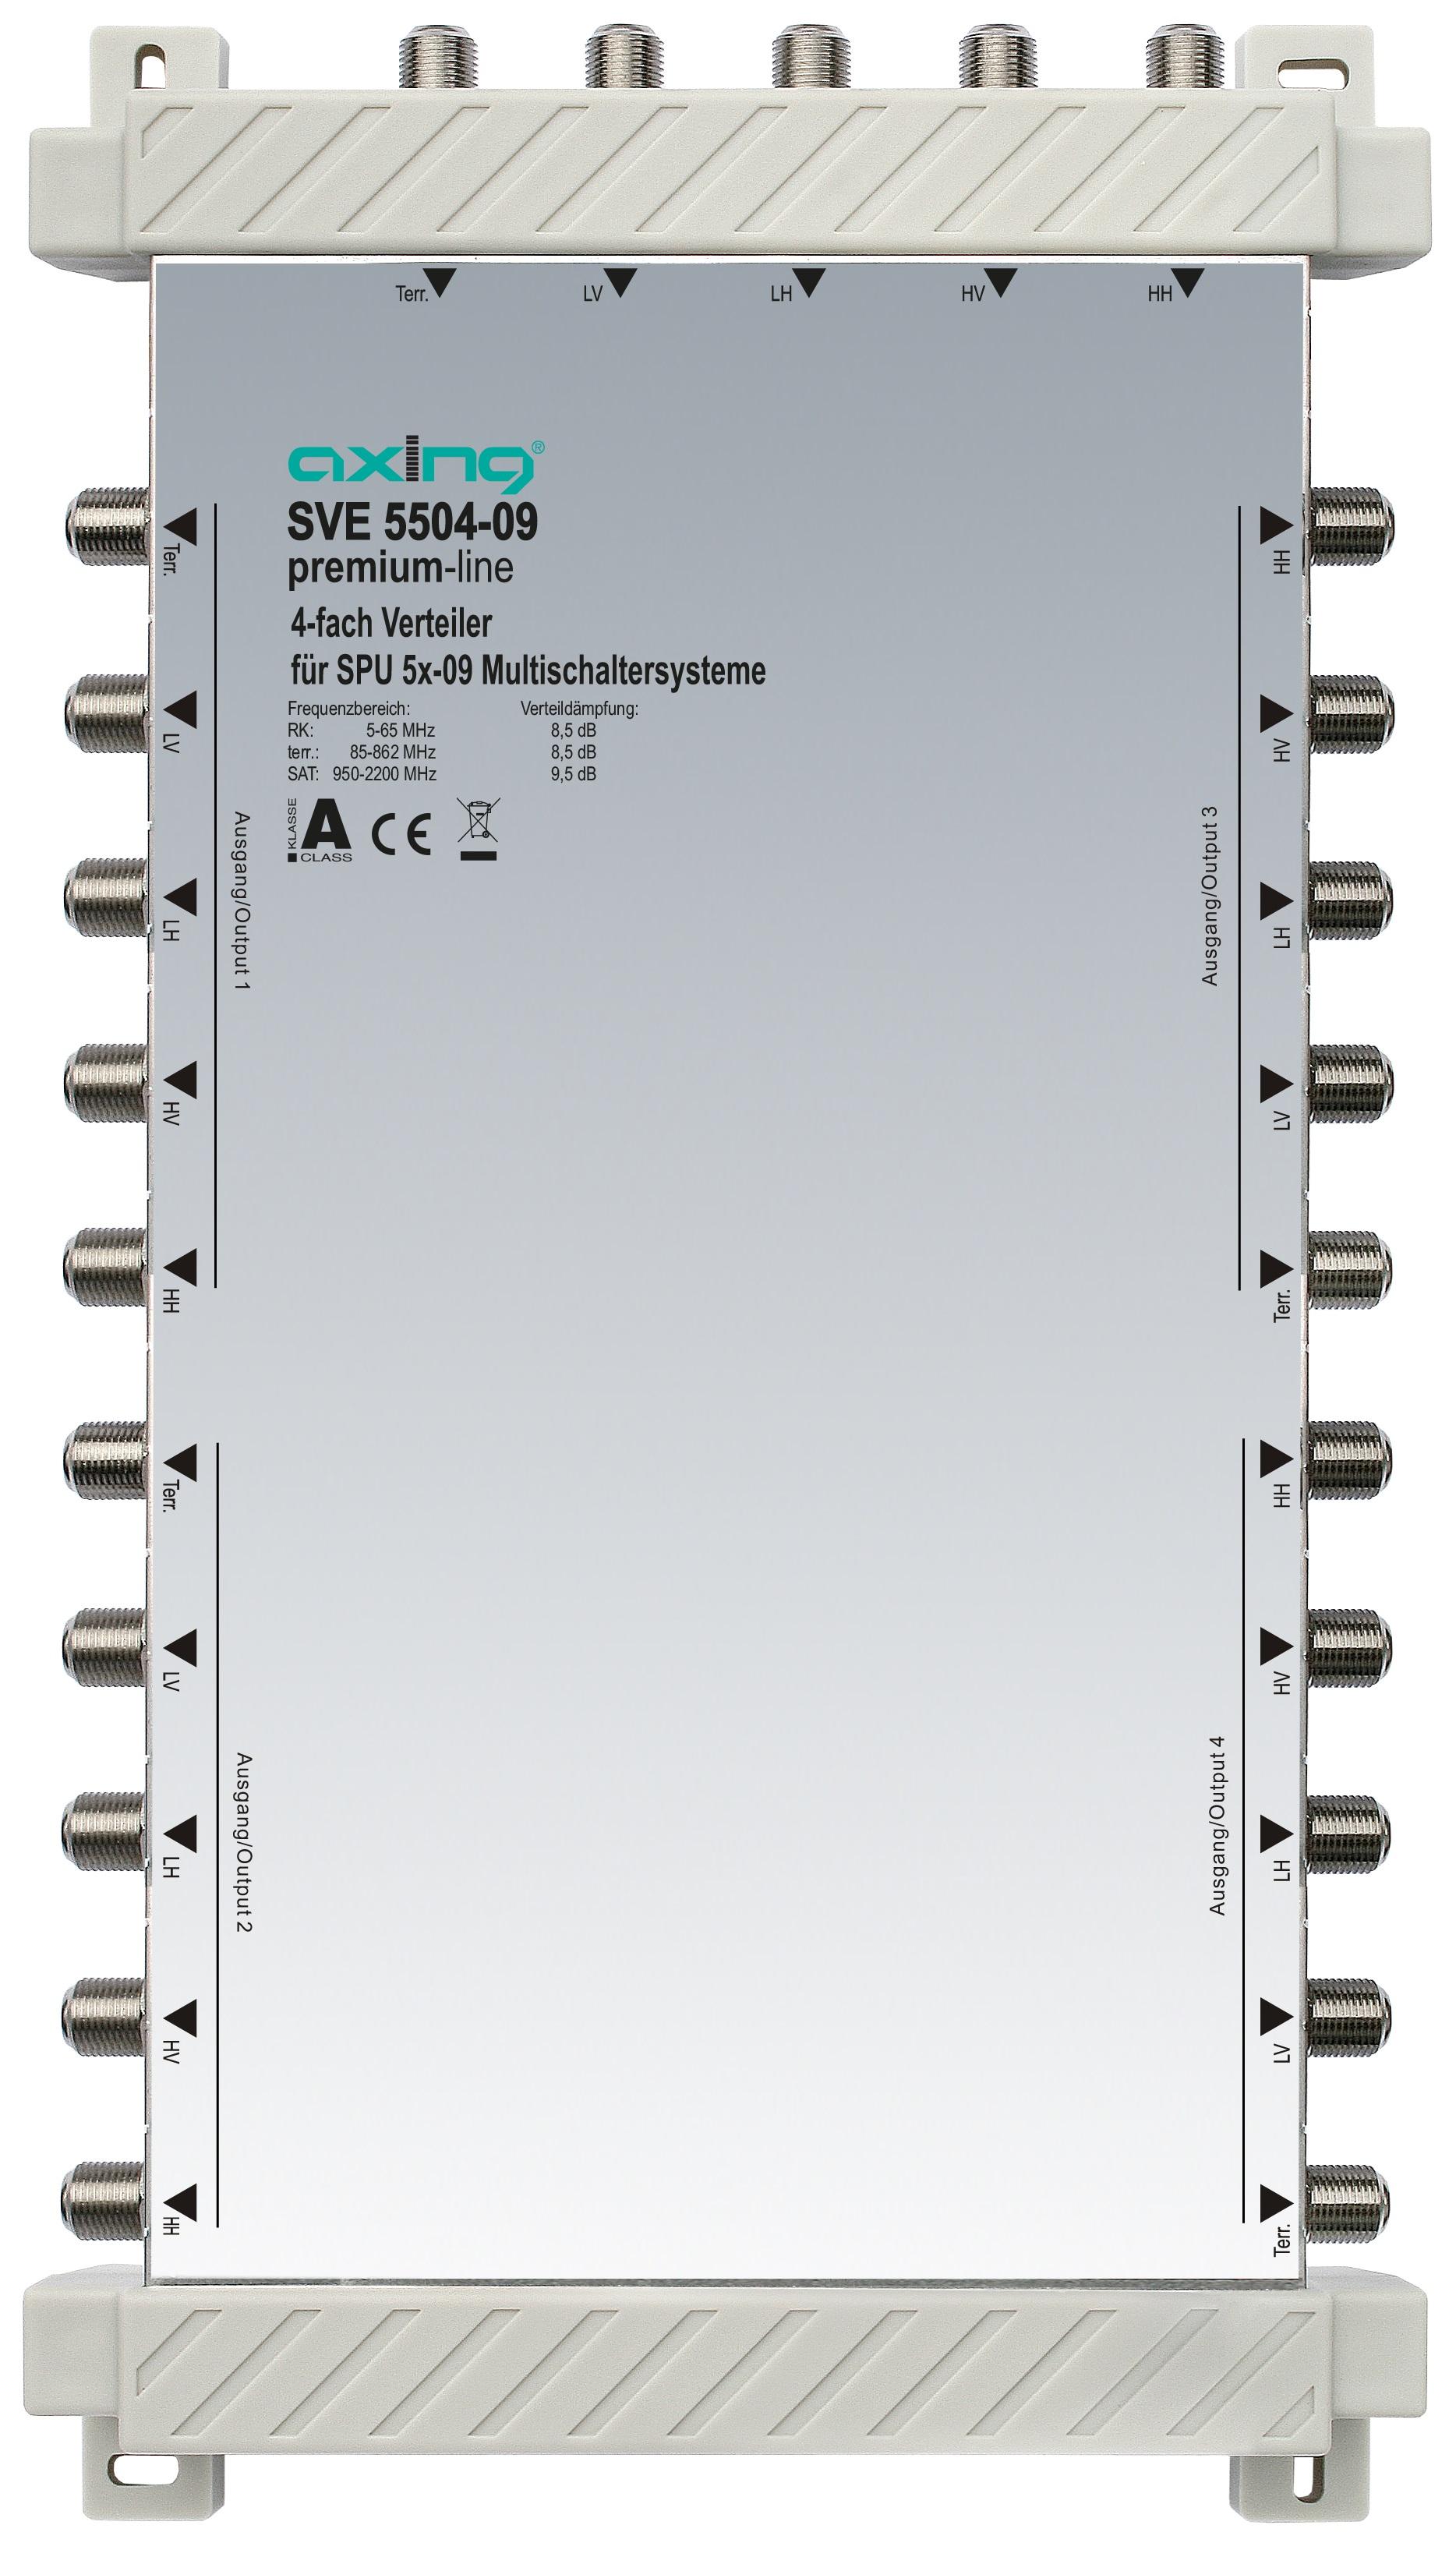 1 Stk 4-fach Verteiler, 5 in 5, 5 bis 2200 MHz, SVE5504-09 HSATSV409A